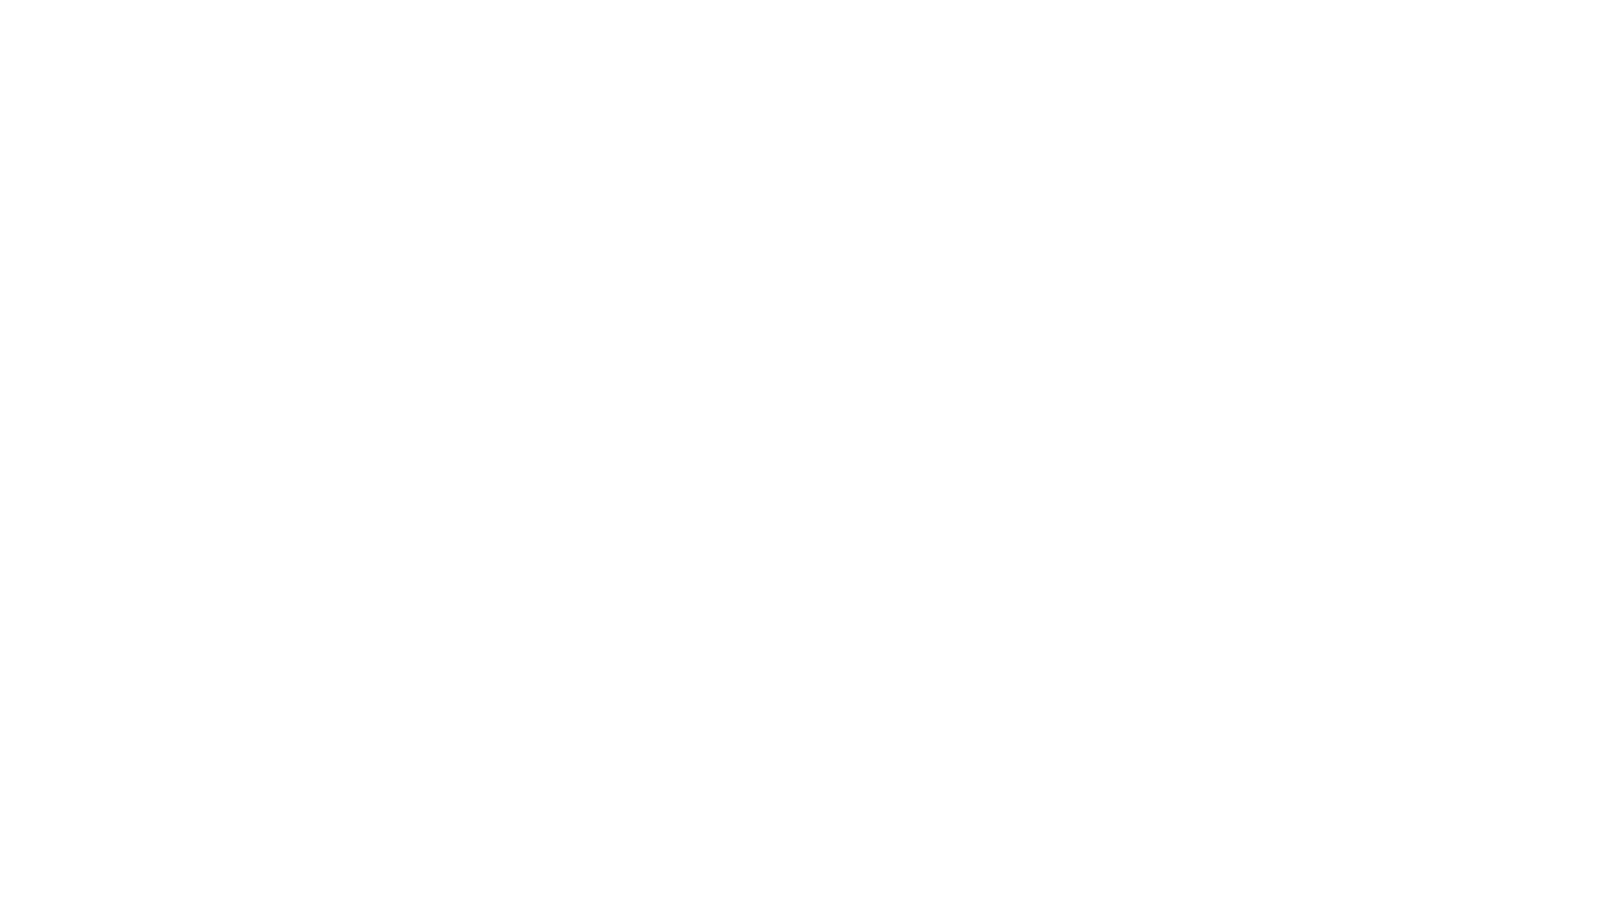 """Llevamos tiempo los carlistas discutiendo sobre estrategias a seguir. Nuestro proyectado """"plan estratégico"""" se ha ralentizado -como tantas cosas de las de antes del virus- esperando el momento en que se pueda discutir y contrastar como se debe, hablando en persona, mirándose a la cara. Pero de pronto, providencialmente, llega a mis manos un viejo folleto del Círculo Familiar Vírgen del Camino. Es una conferencia de Federico Wilhelmsen titulada """"La soberanía de Cristo… o el caos"""". Lo releo, y pienso que ahí mismo, en esas pocas humildes páginas está ya escrito, desde hace medio siglo, nuestro """"plan estratégico"""". El profesor Wilhelmsen lo escribió en 1967, pensando en los próximos 100 años y en la lucha global tal como la veía venir entonces."""